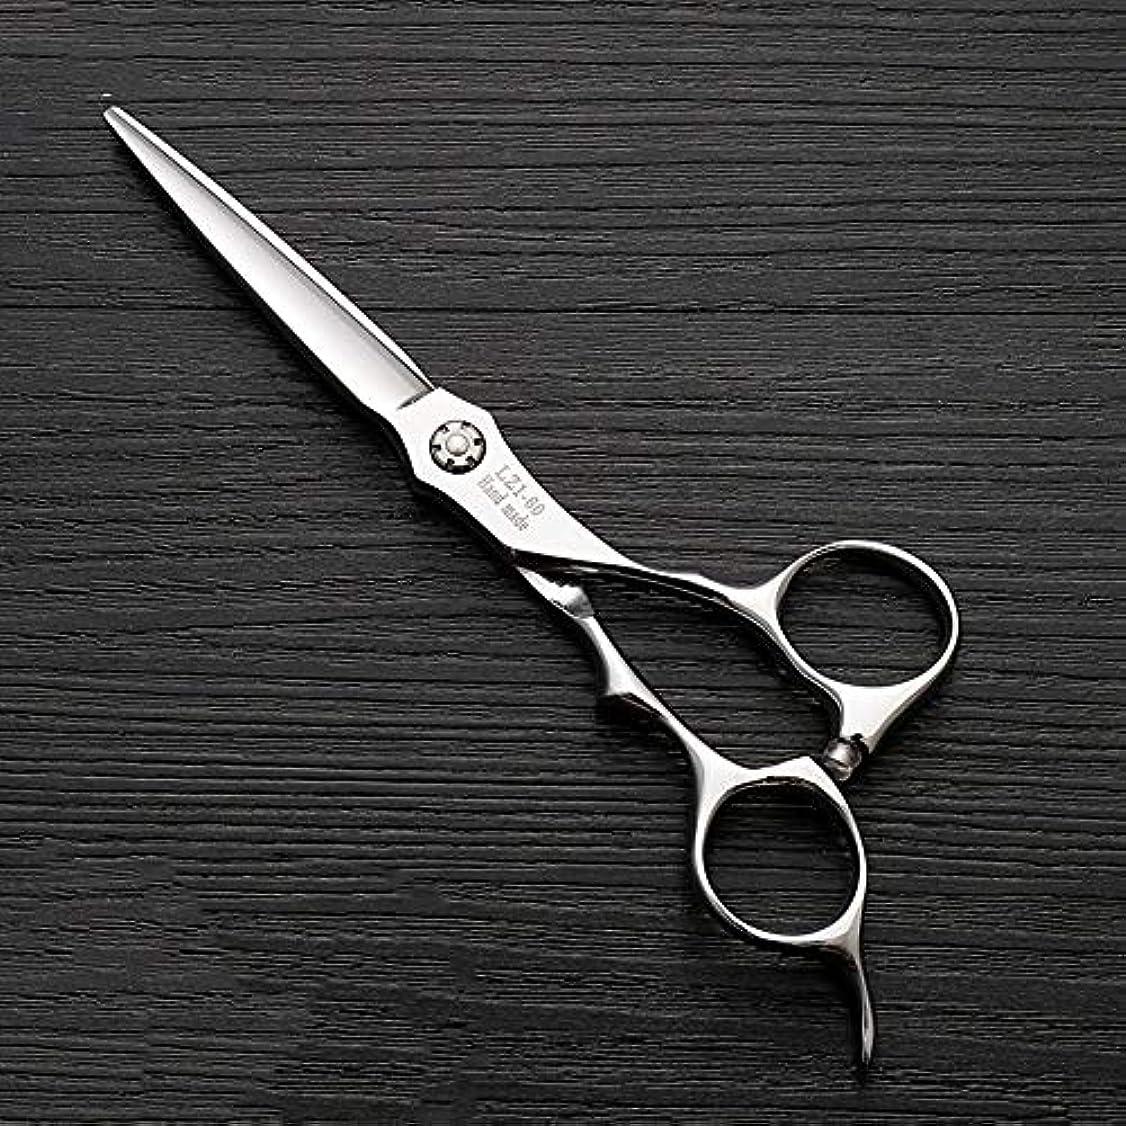 ラリー正気アミューズメントHOTARUYiZi 散髪ハサミ カットバサミ セニング 散髪はさみ プロ すきバサミ ヘアカット カットシザー 品質保証 耐久性 美容院 ステンレス鋼 専門カット 6インチ 髪カット (色 : Silver)